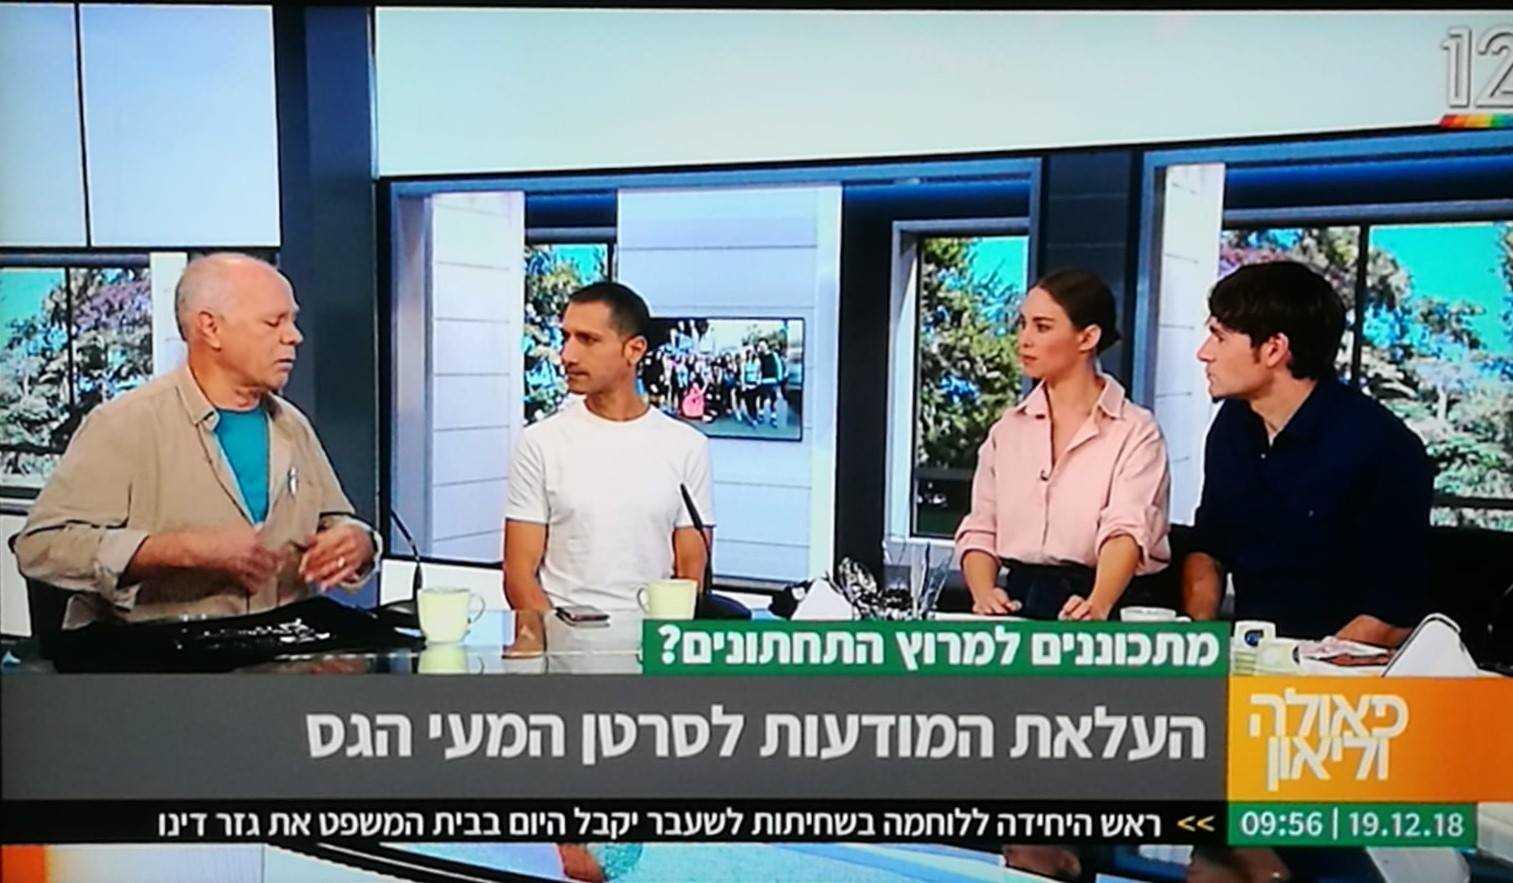 """ד""""ר שלמה לבקוביץ, יו""""ר עמותת 'צו מניעה' בתוכנית פאולה וליאון, ערוץ 12."""